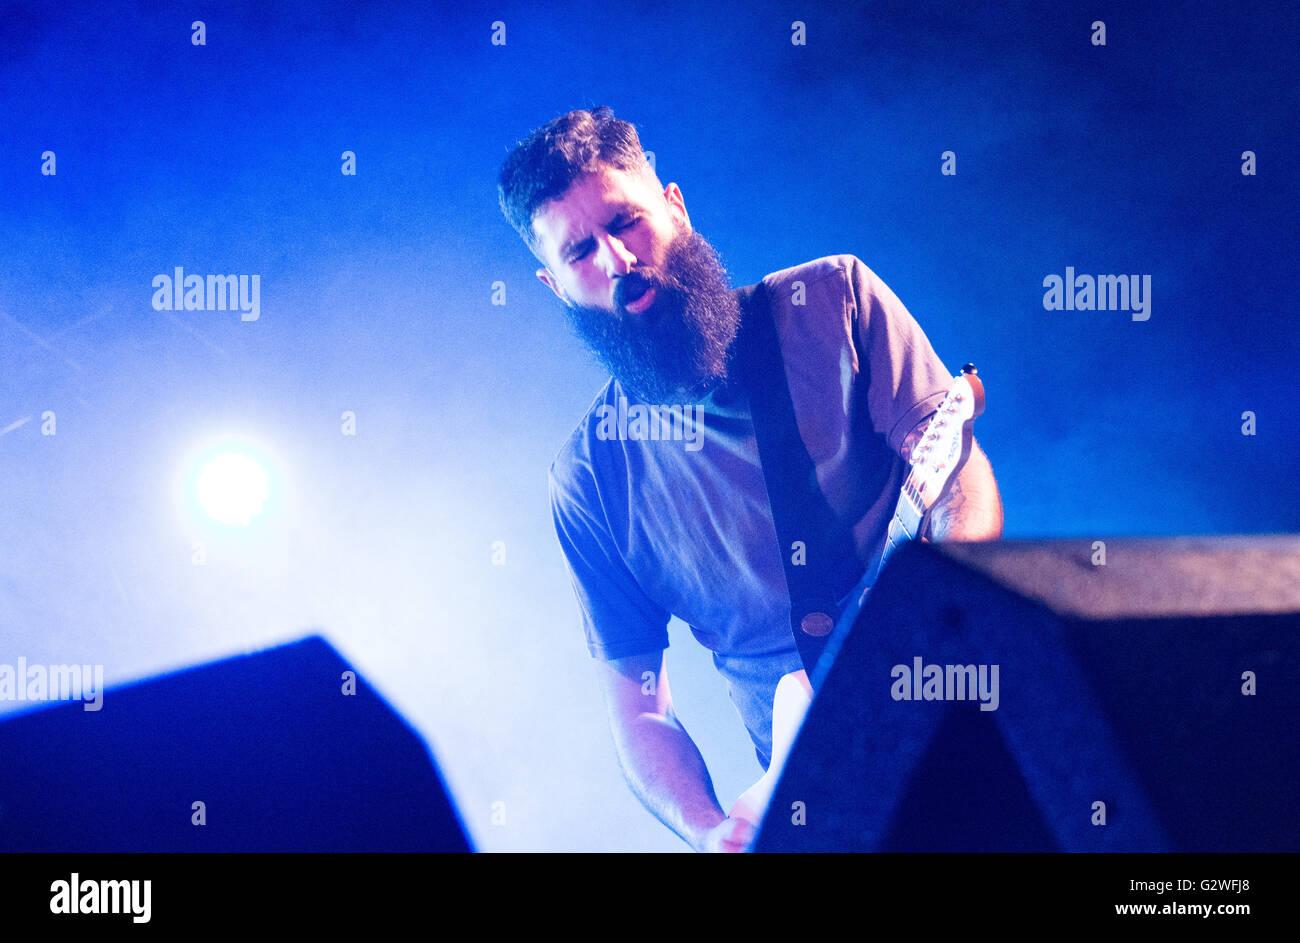 """Langreo, Espagne. 4 juin, 2016. Le groupe de rock espagnol """"esakato' perfoms live pendant leur concert à Eulalai Banque D'Images"""